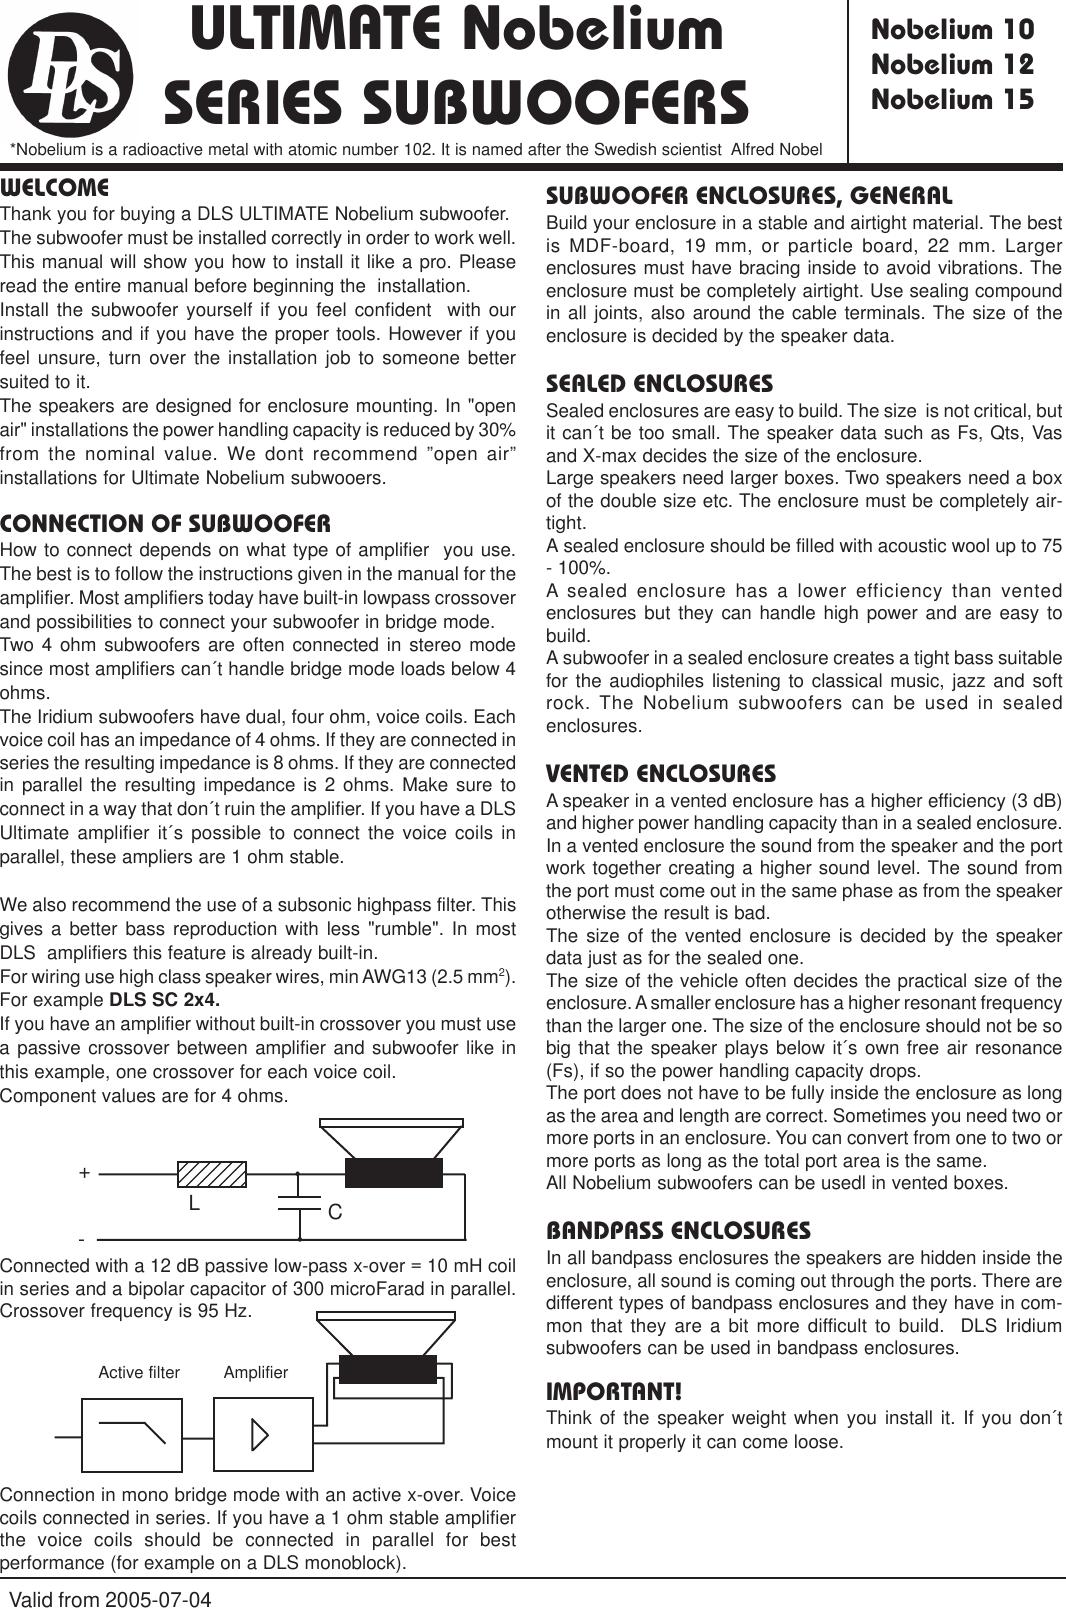 Dls Svenska Ab Ultimate Nobelium 10 Users Manual Om_NO_subs